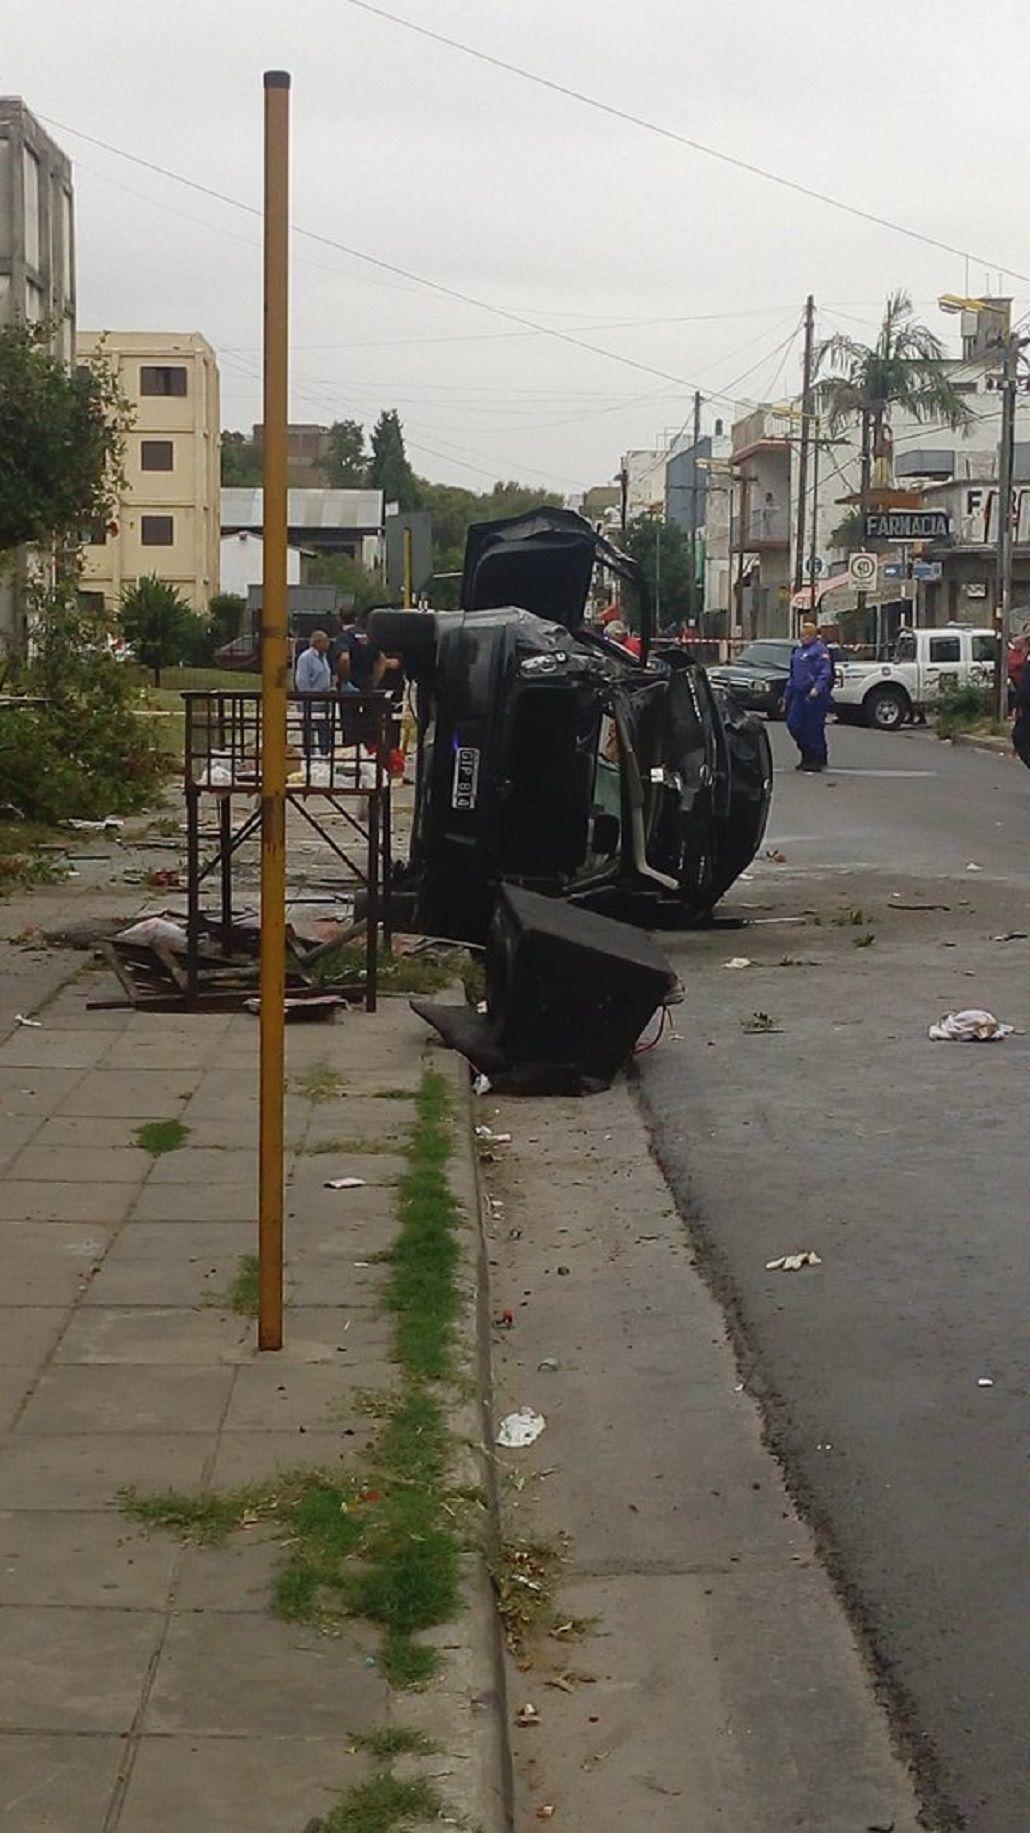 Un auto atropelló y mató a un joven: investigan si corría una picada